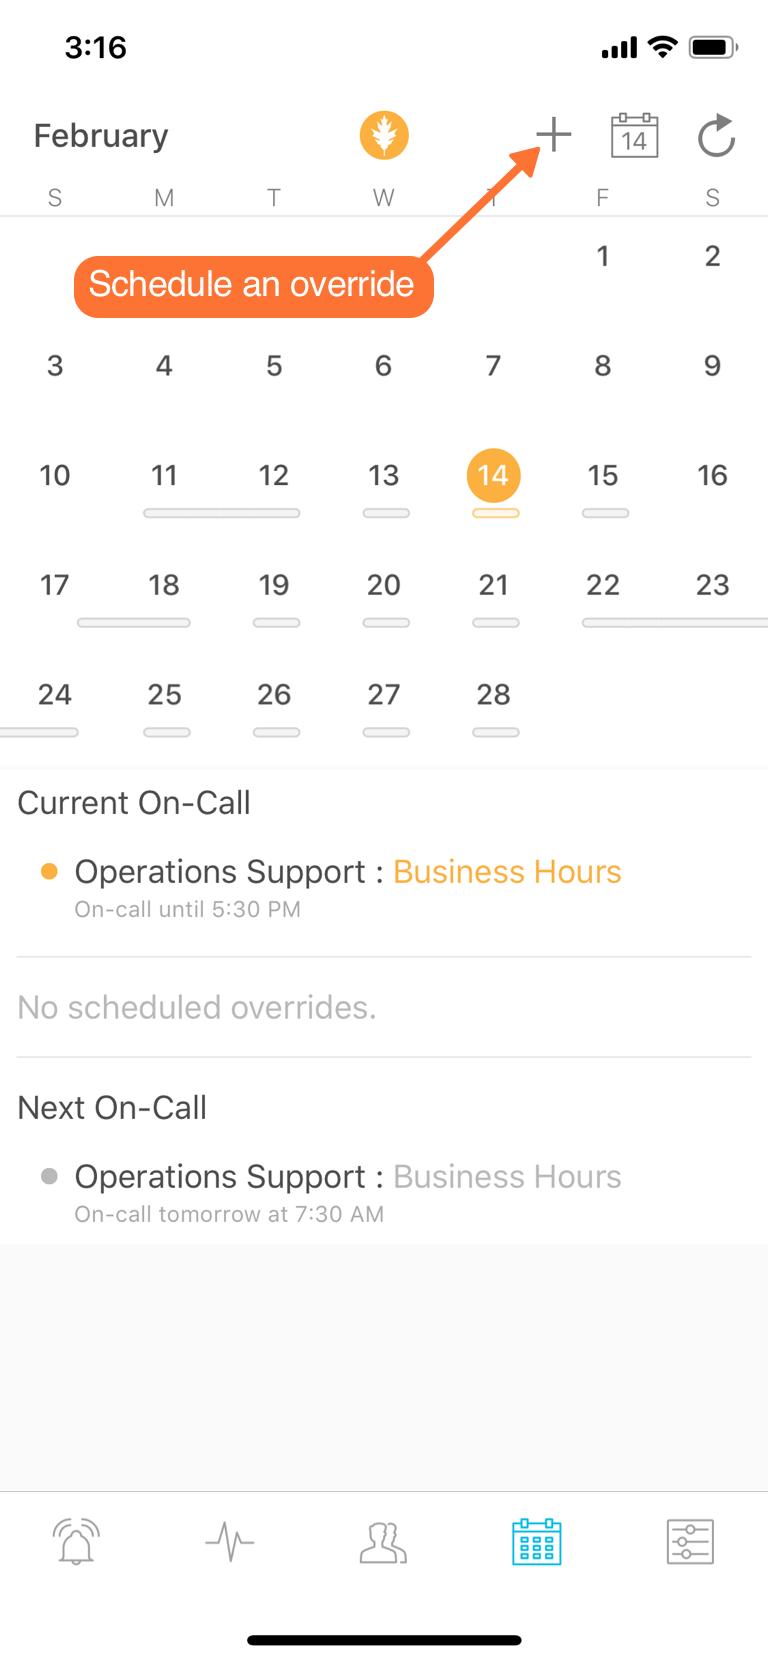 Mobile App - My Schedule & Scheduled Overrides | VictorOps